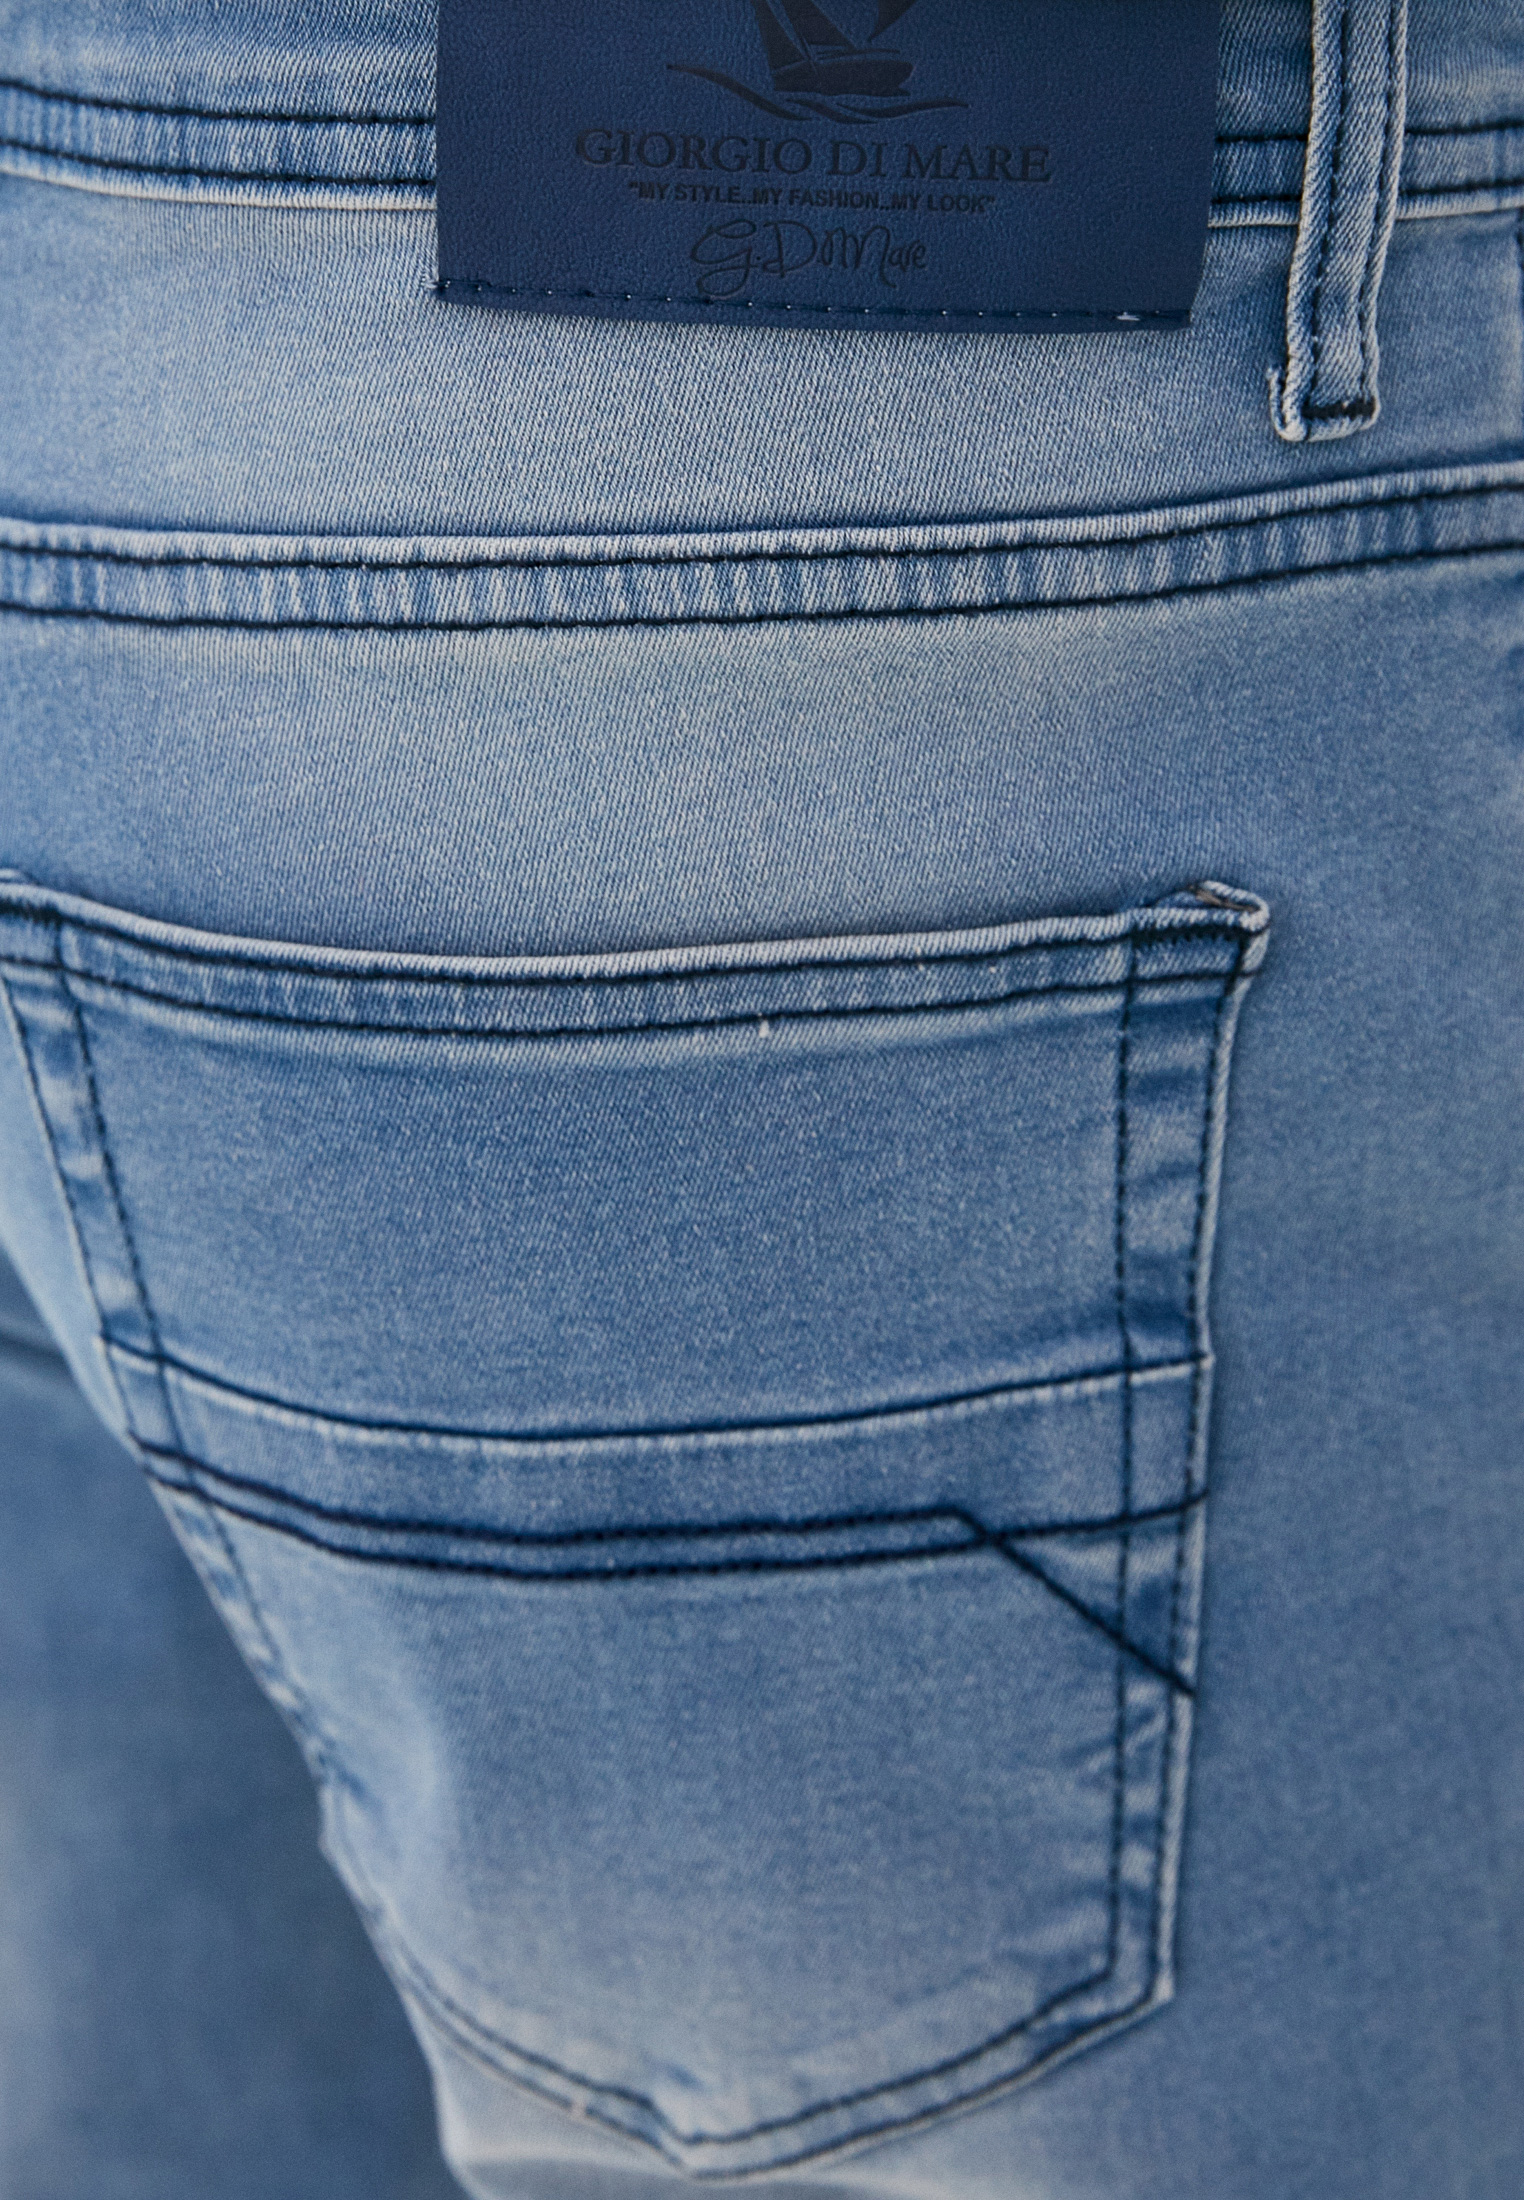 Зауженные джинсы GIORGIO DI MARE GI9707282: изображение 4